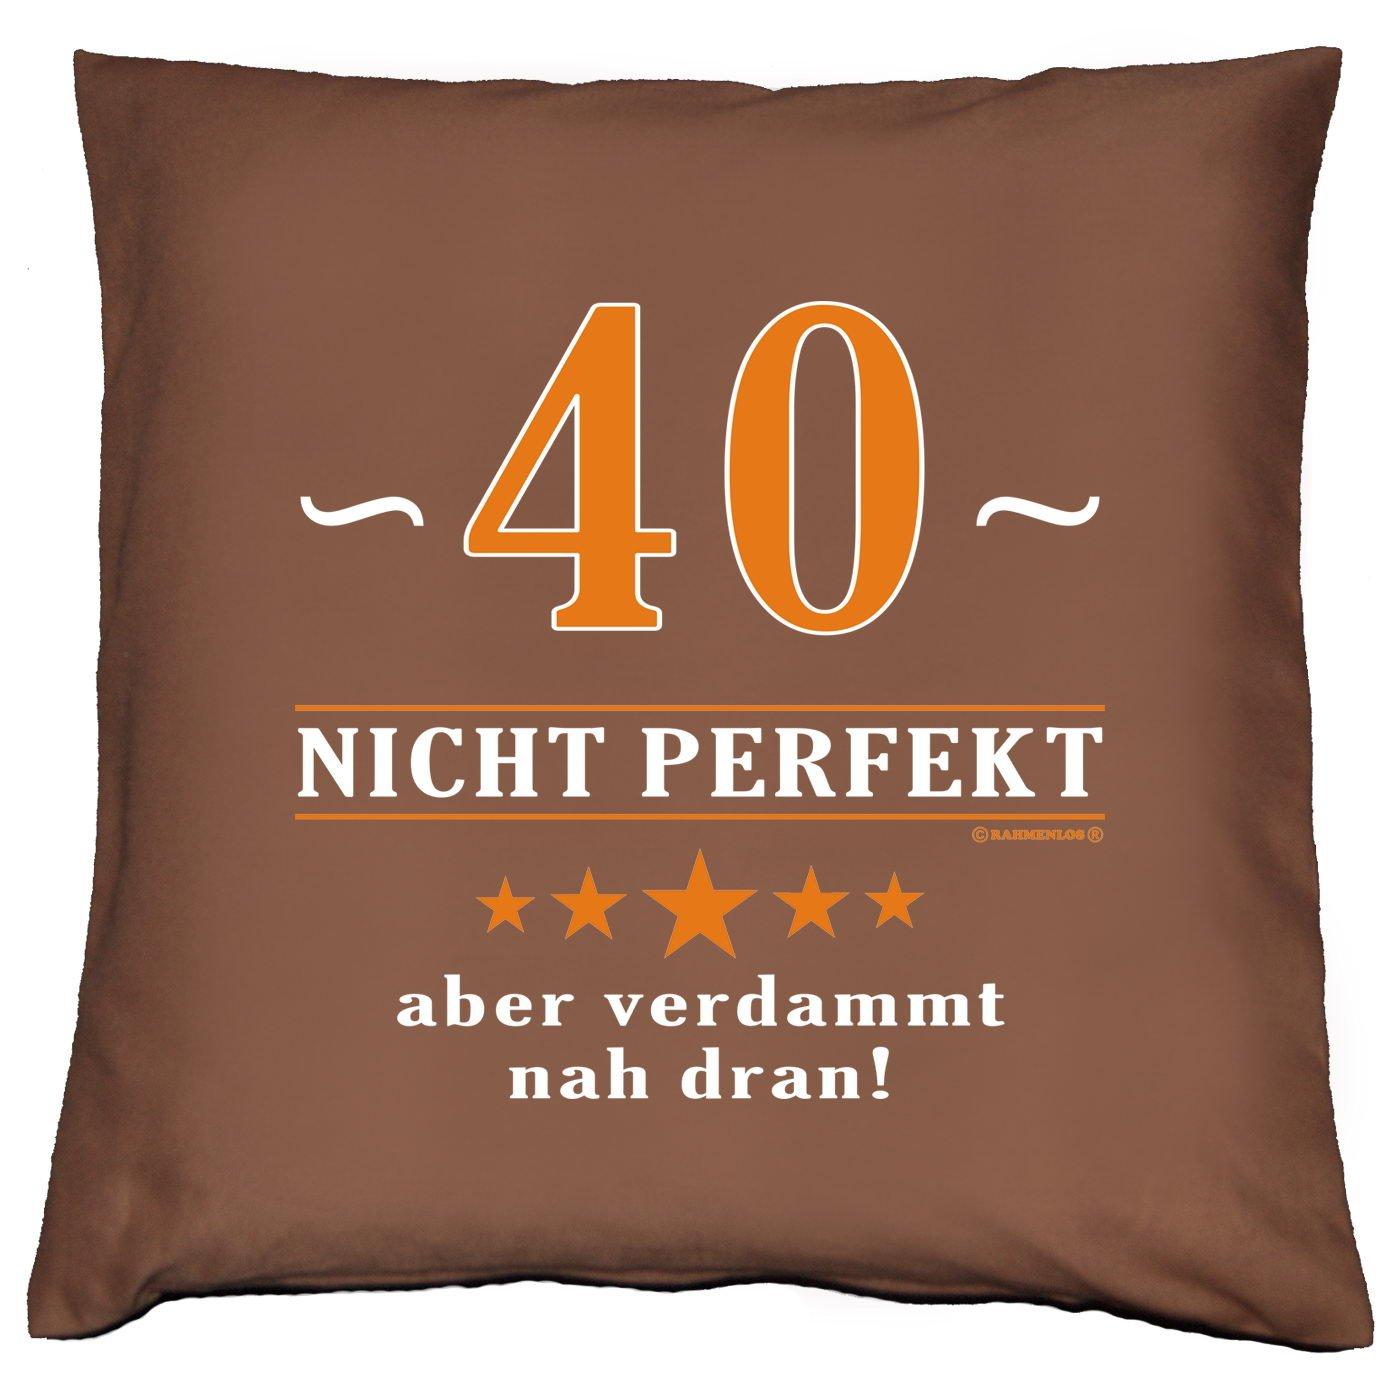 Kissen mit Innenkissen - 40 - nicht perfekt aber verdammt nahe dran! - zum 40. Geburtstag Geschenk - 40 x 40 cm - in schoco-braun